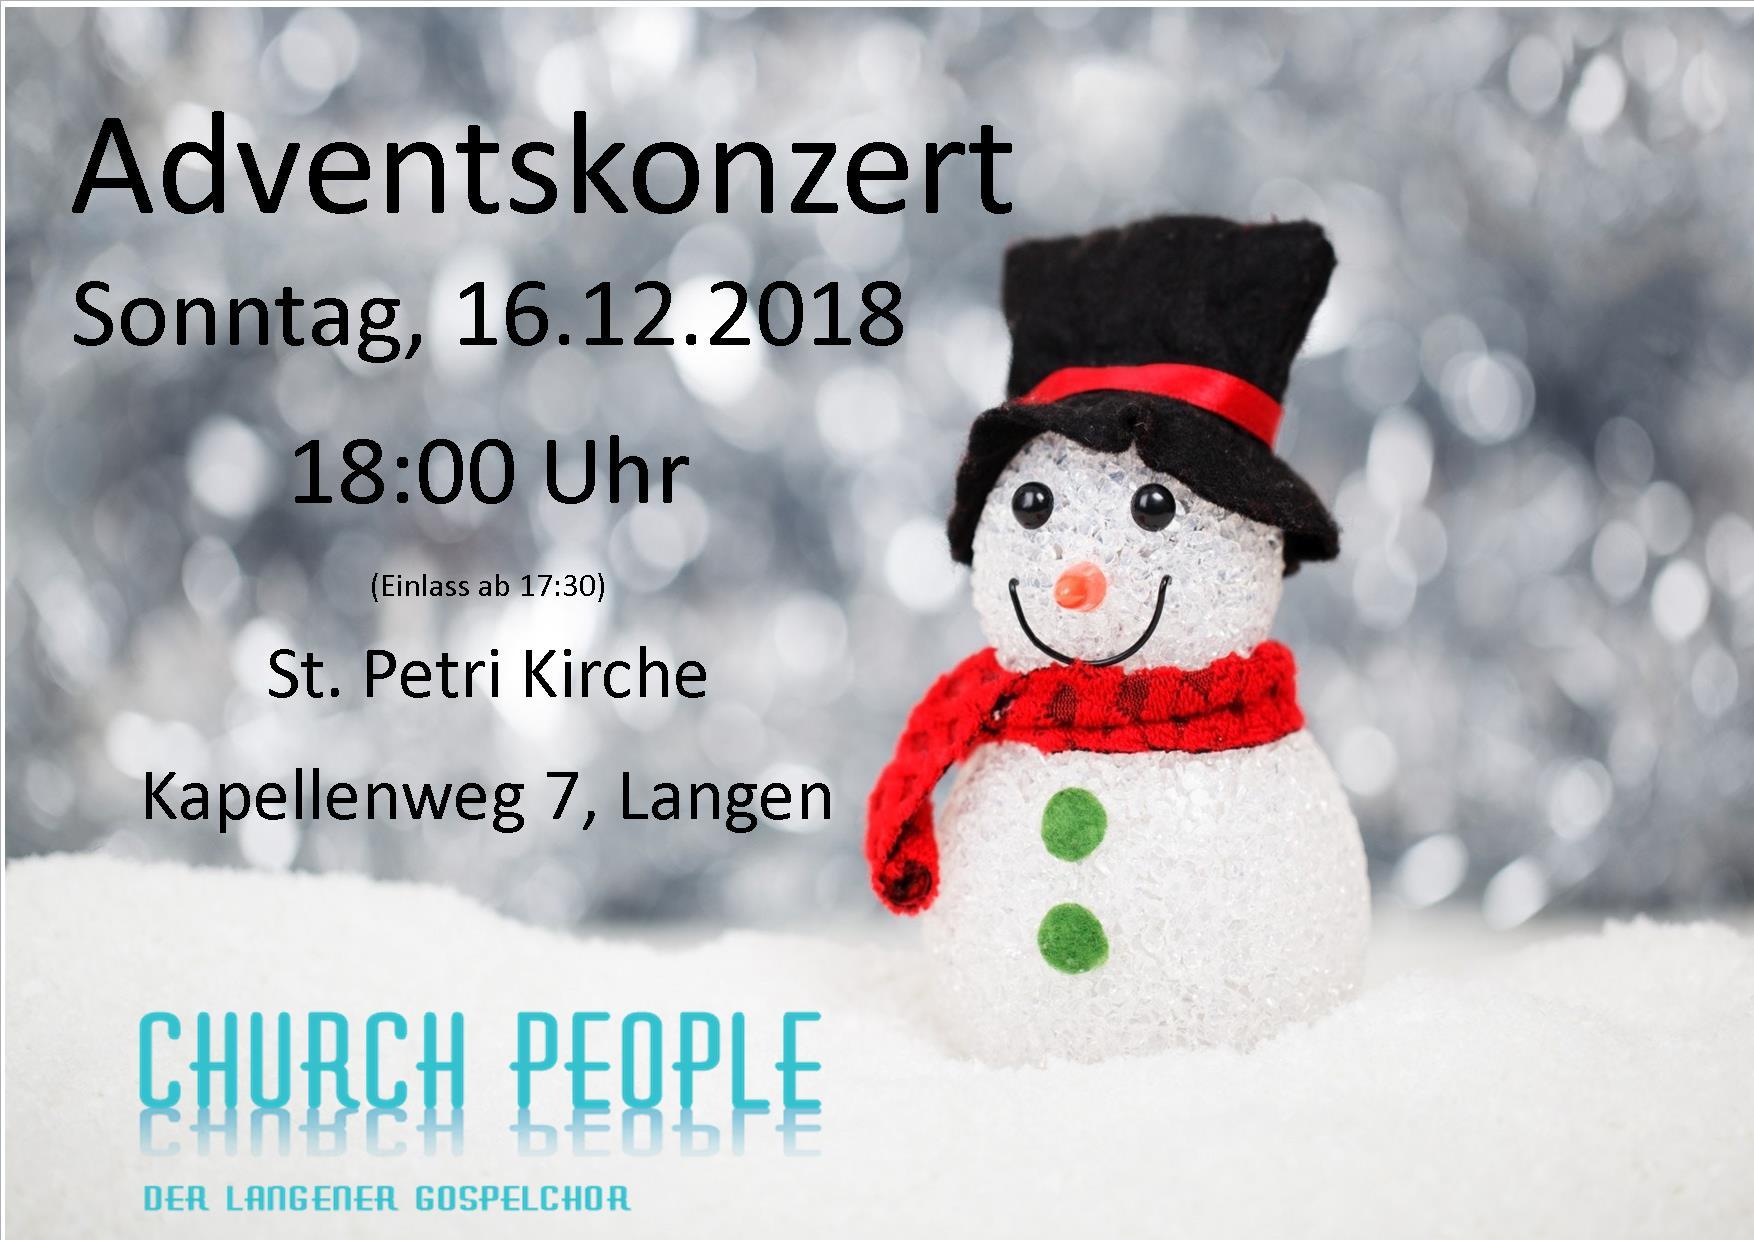 Weihnachtskonzert in Langen 18. Dezember 2018 18:00 Uhr